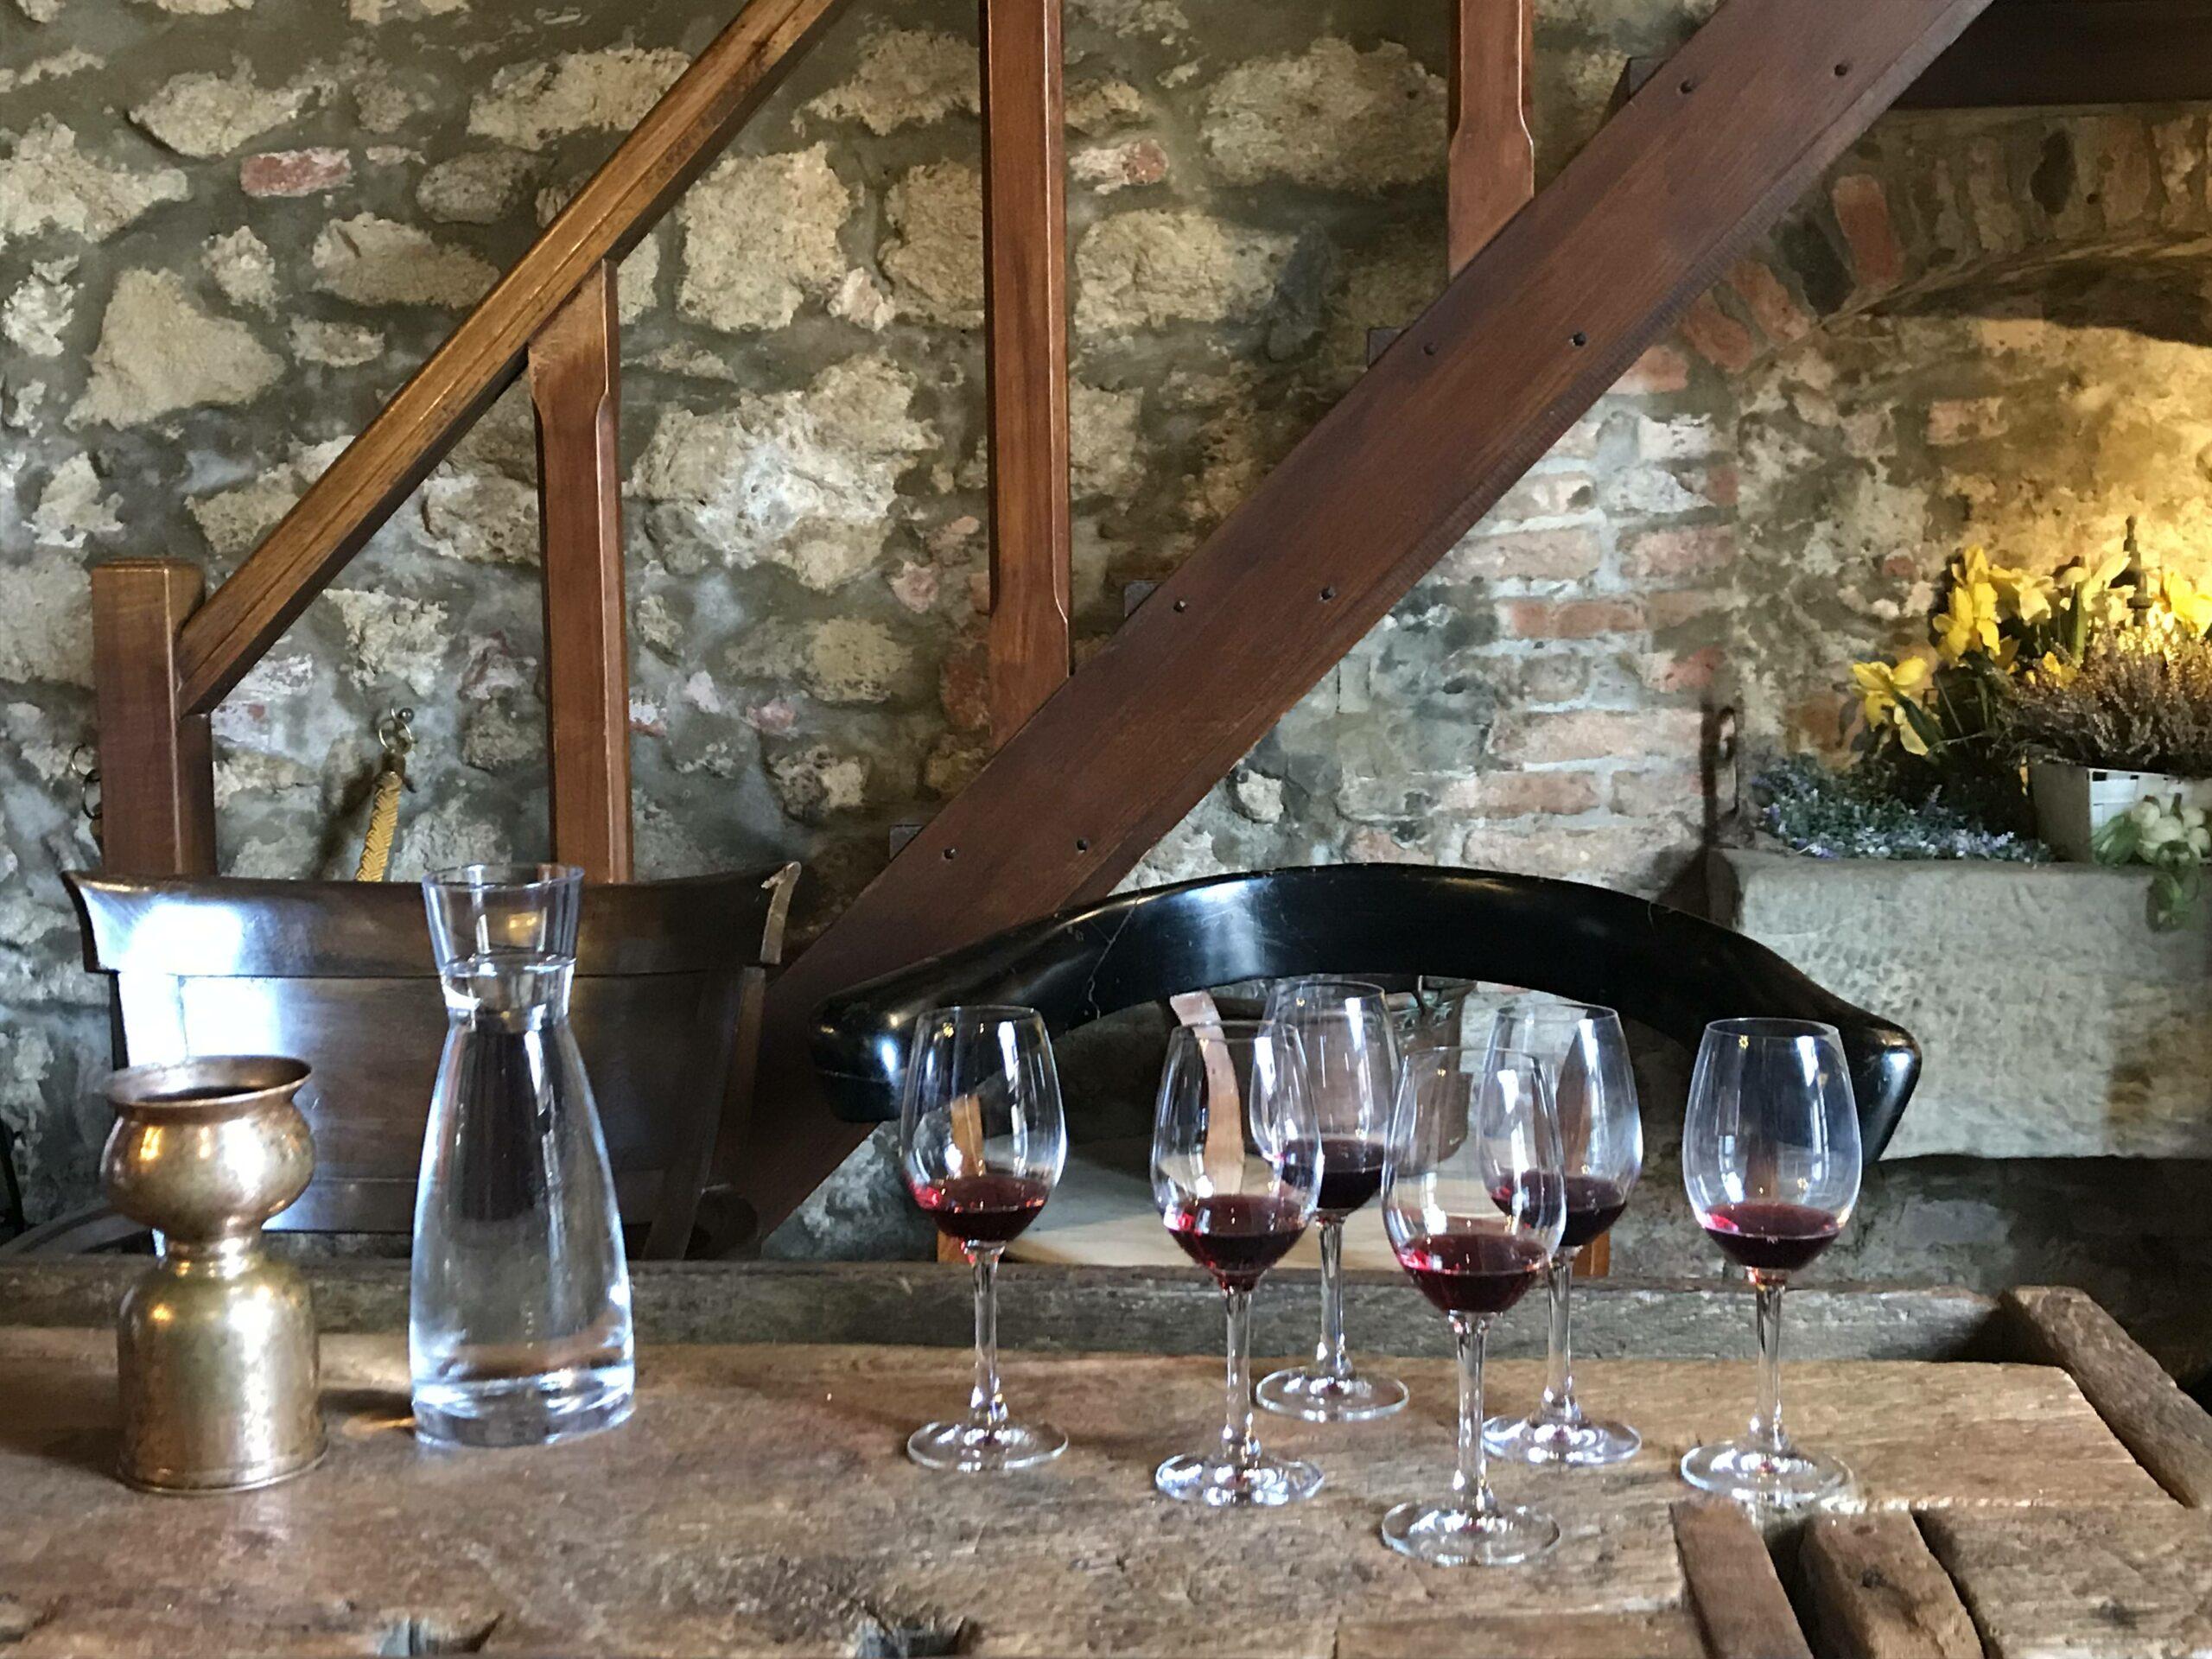 degustazione di vino_travel app_italy wow app